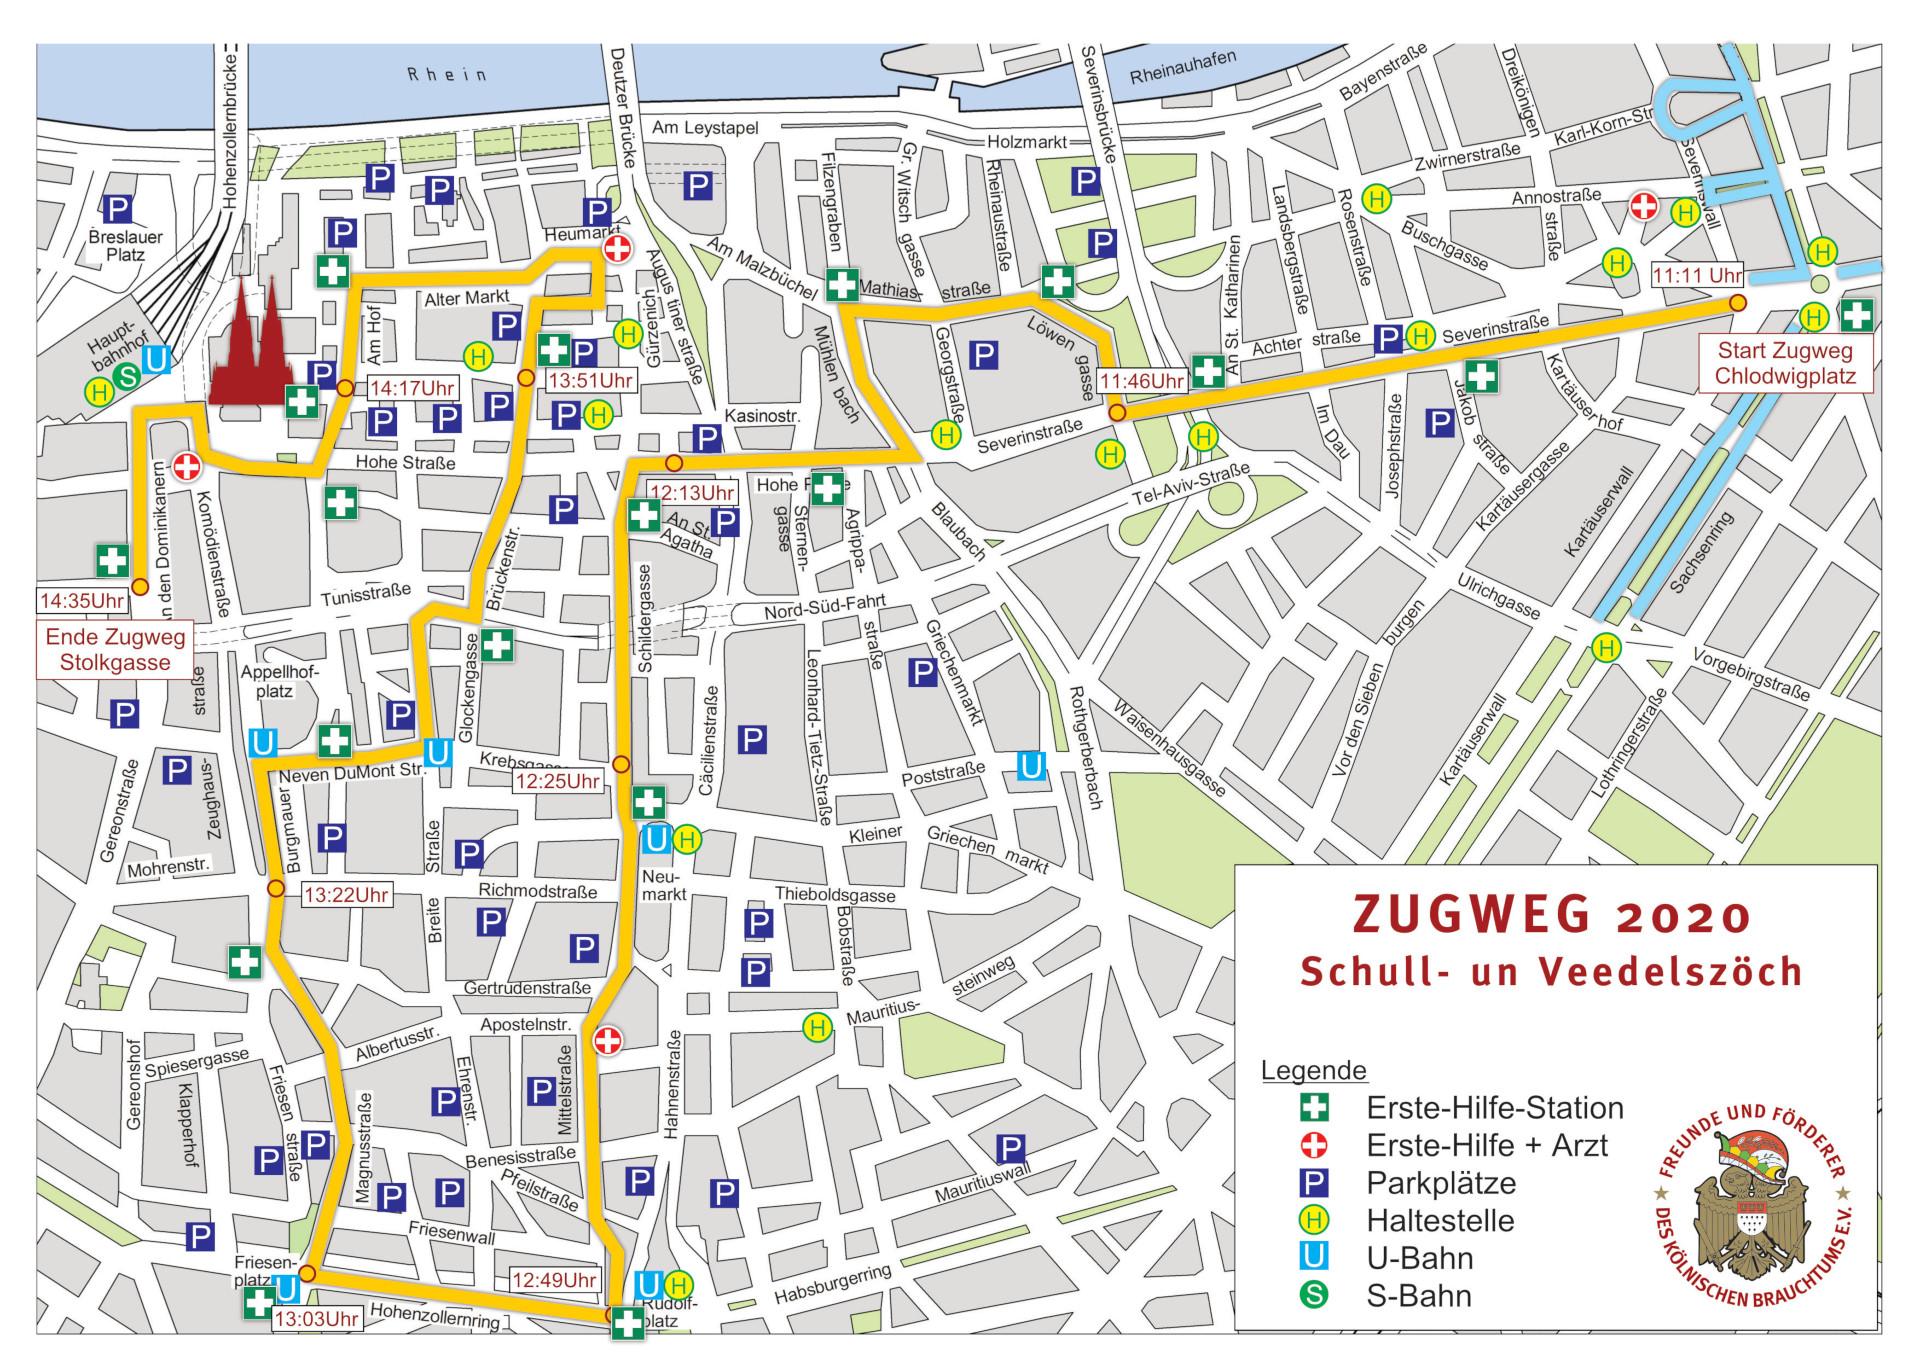 Schull Und Veedelszöch 2021 Zugweg